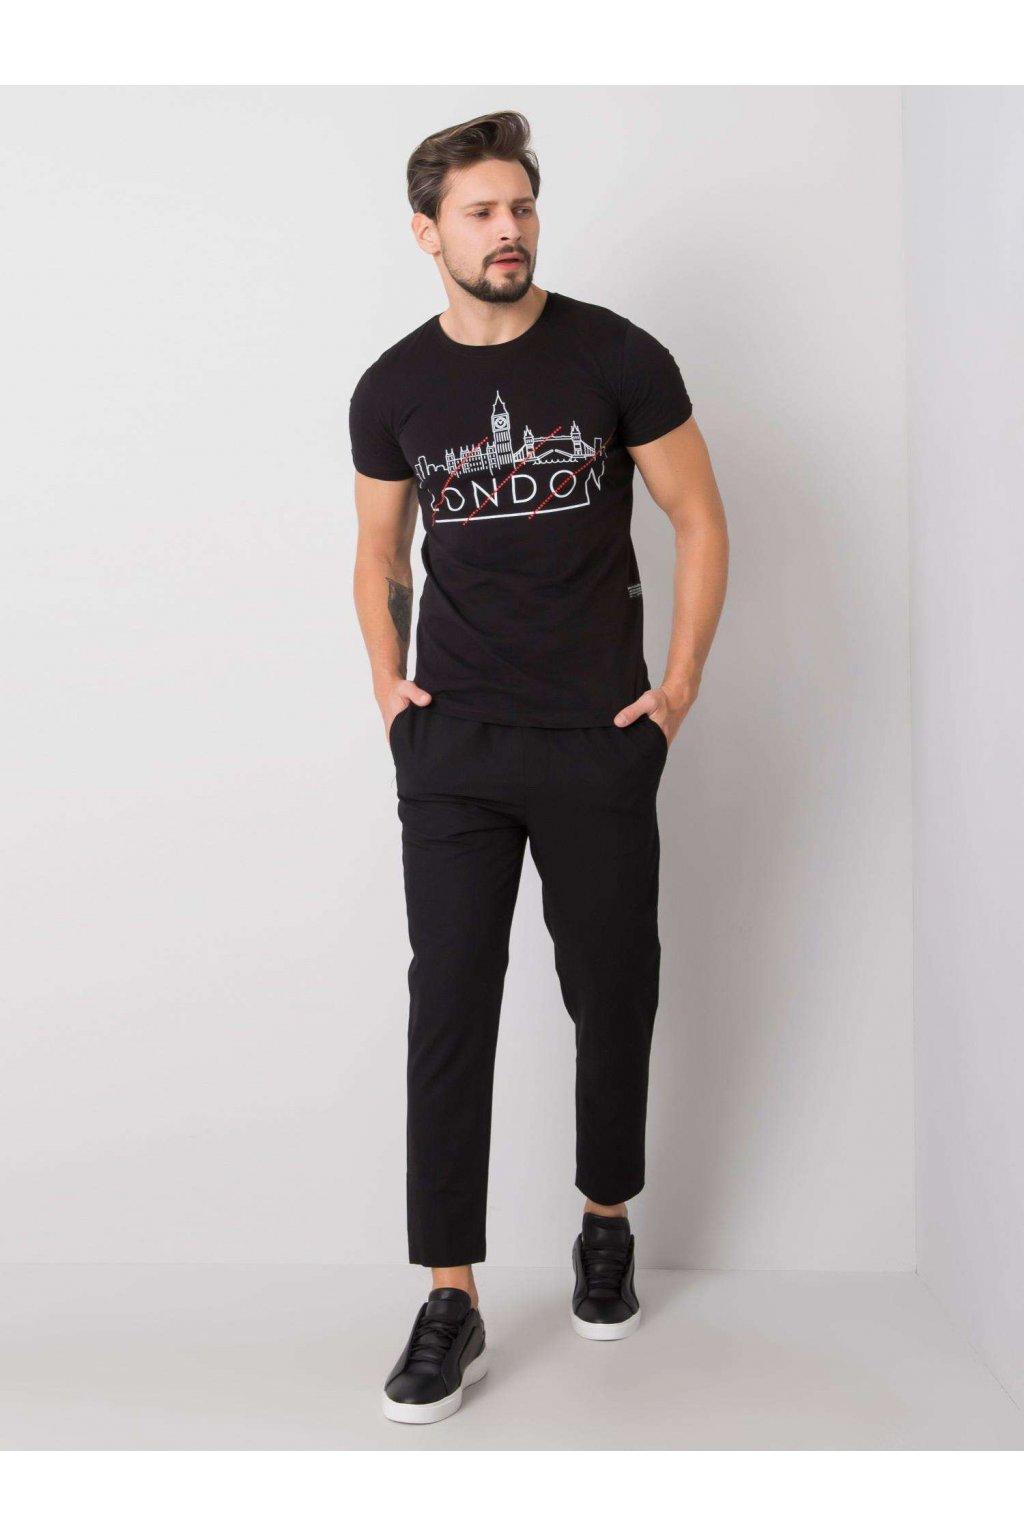 Tričko t-shirt kód MH-TS-2087.27